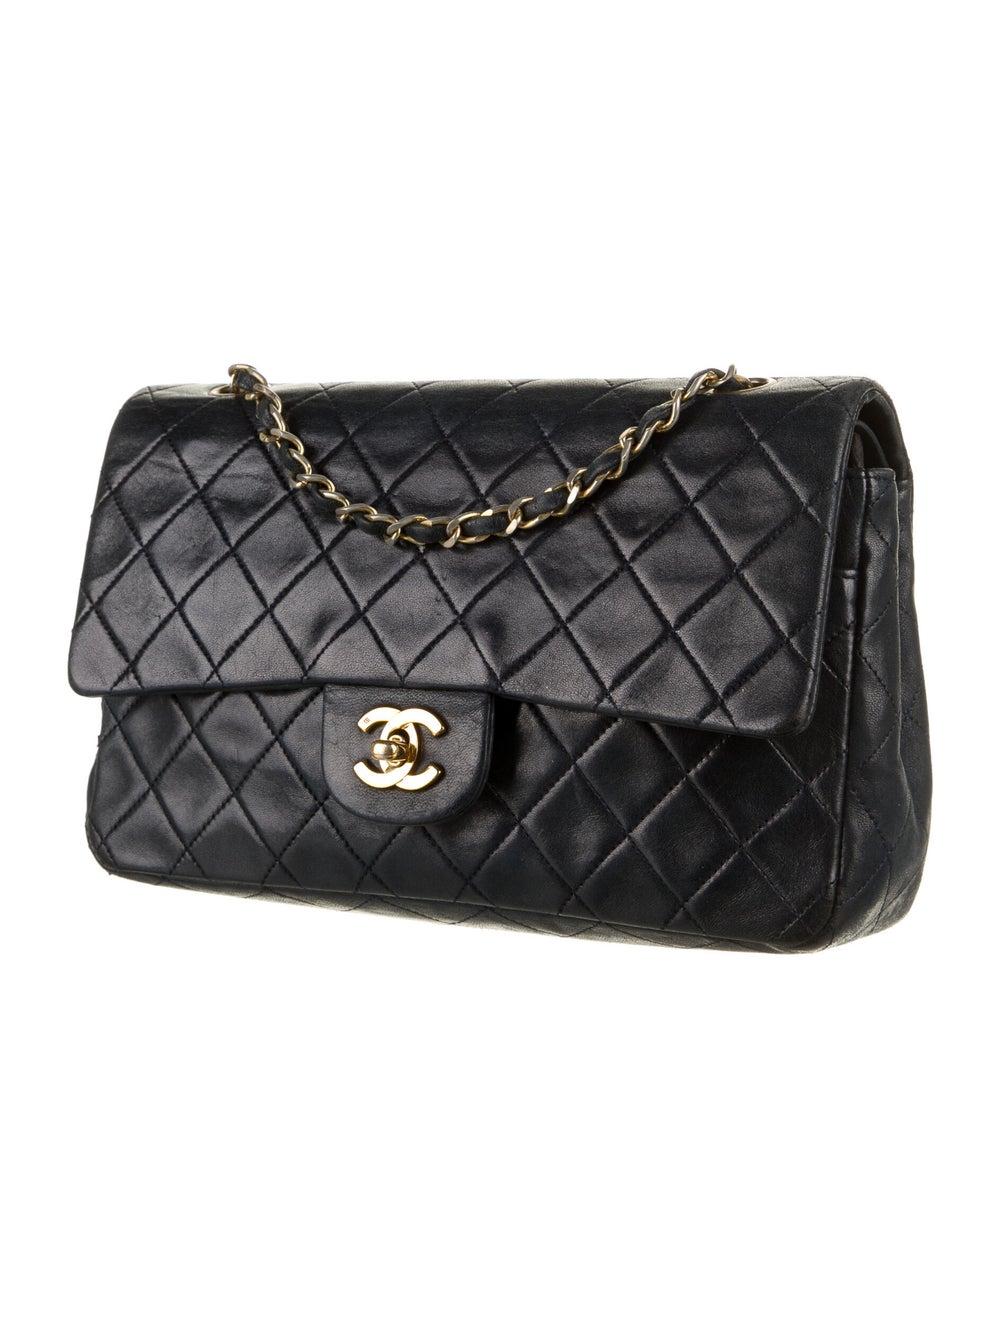 Chanel Vintage Medium Double Flap Bag Blue - image 3